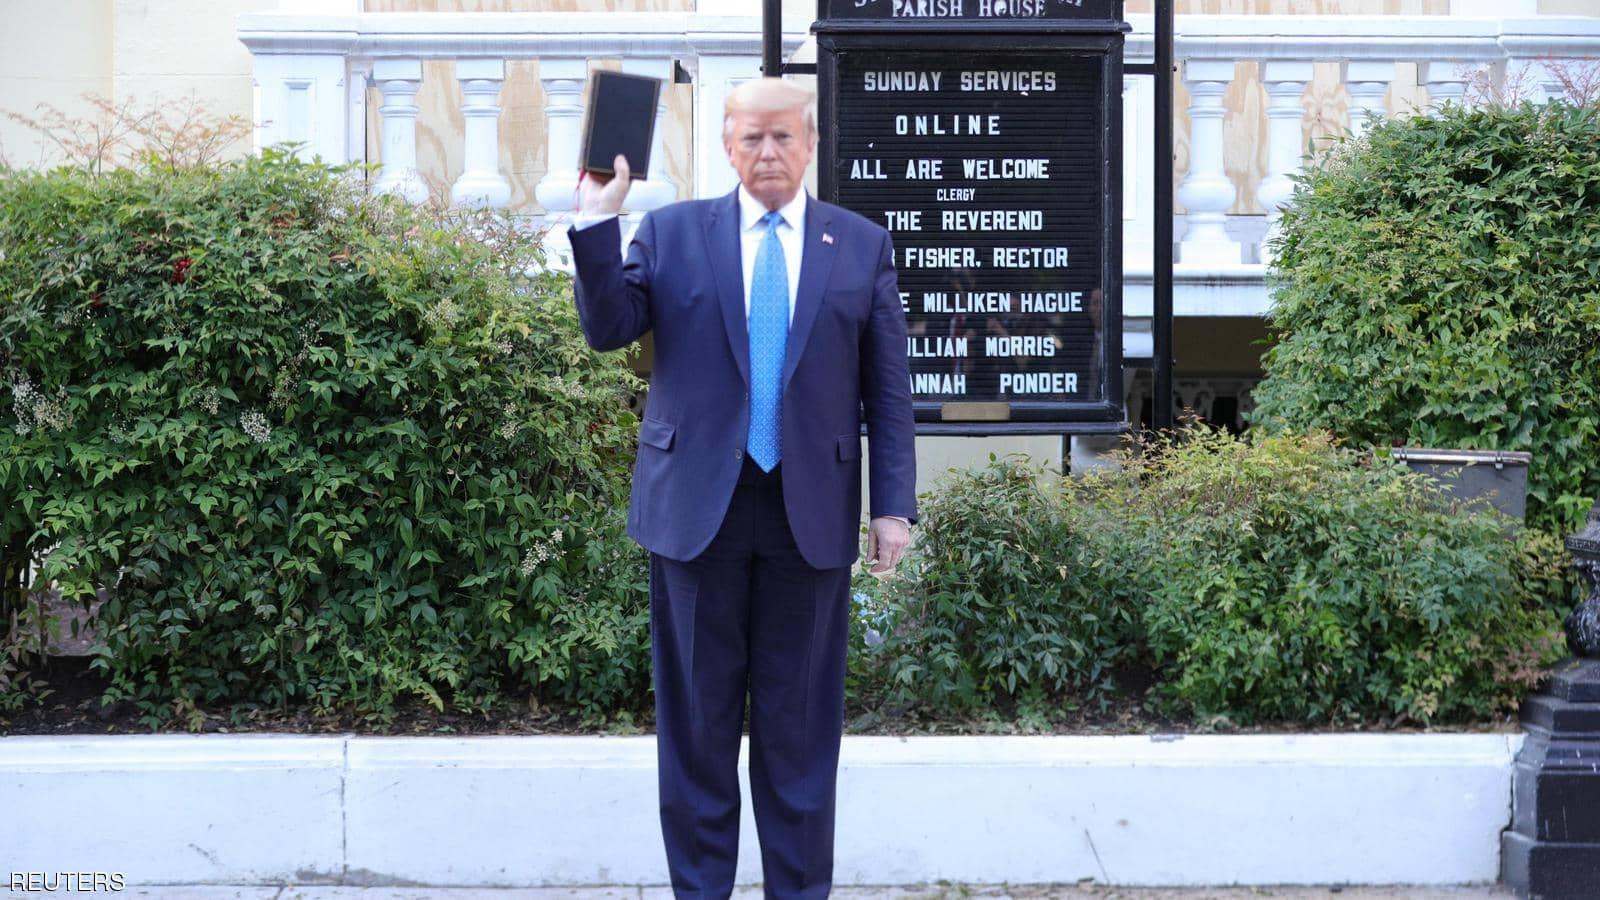 ترامب يهدد بإنزال الجيش الأمريكي في شوارع واشنطن لفض التظاهرات